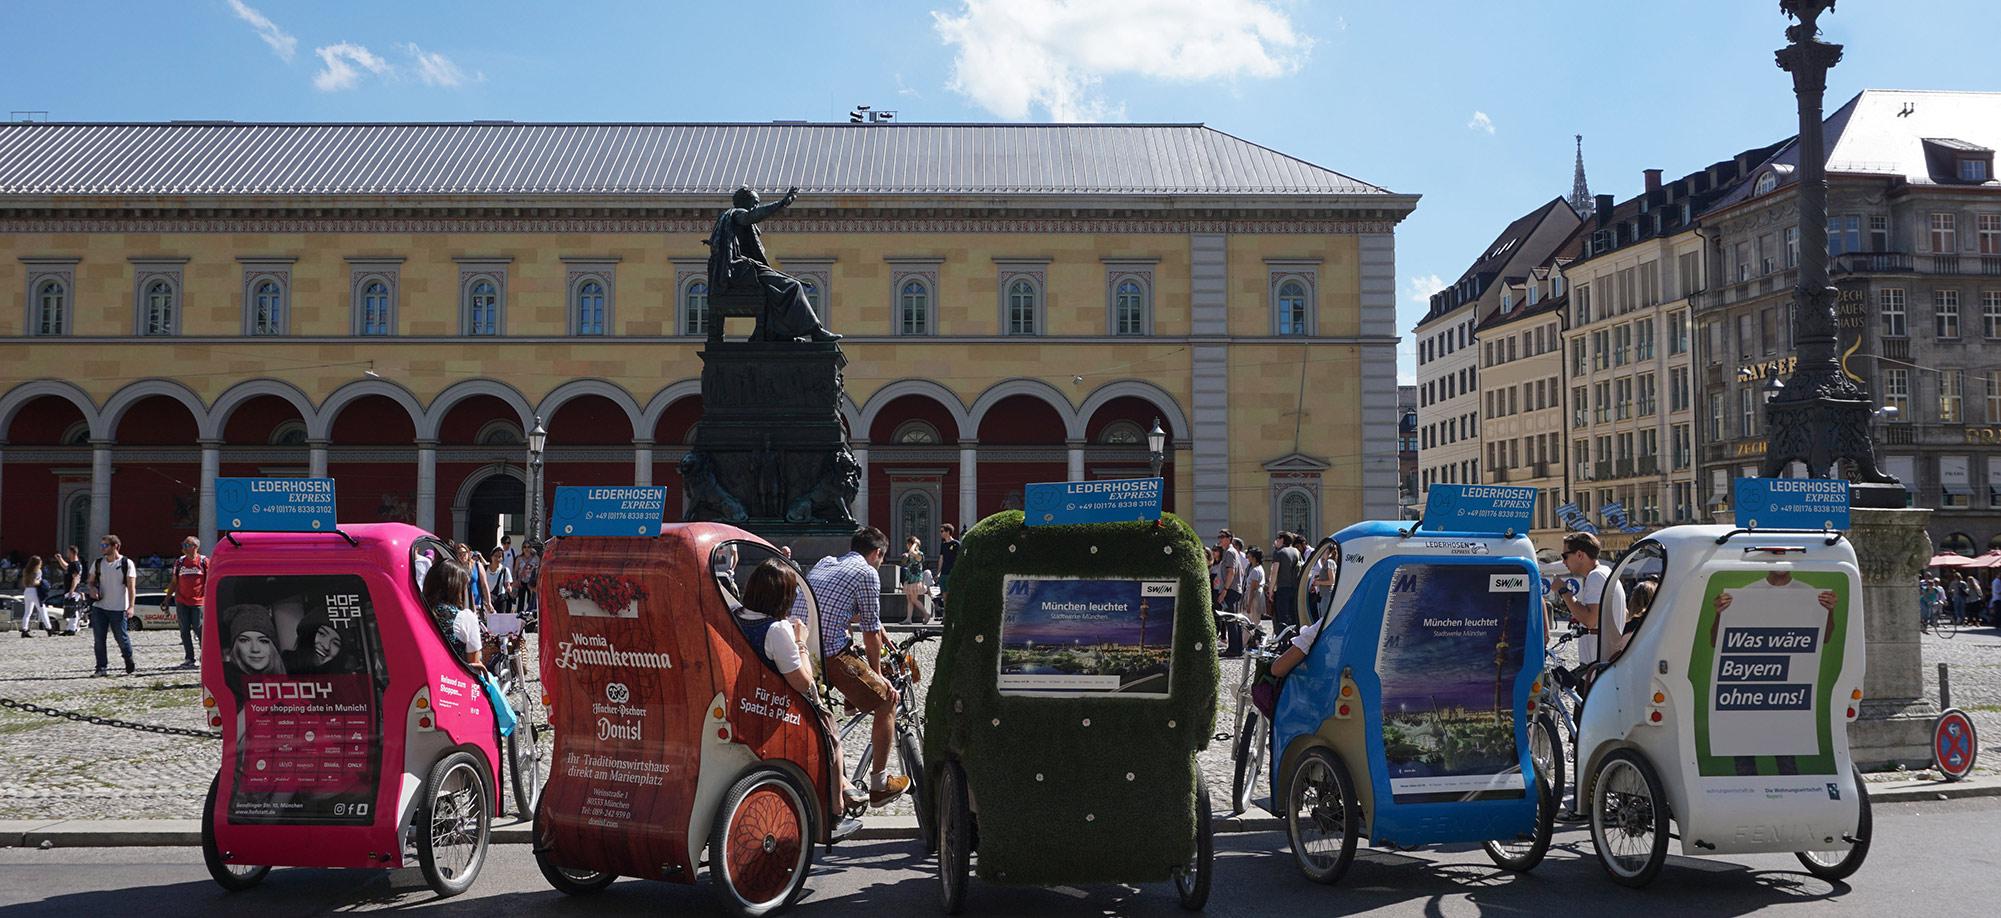 Rikscha München Werbung4